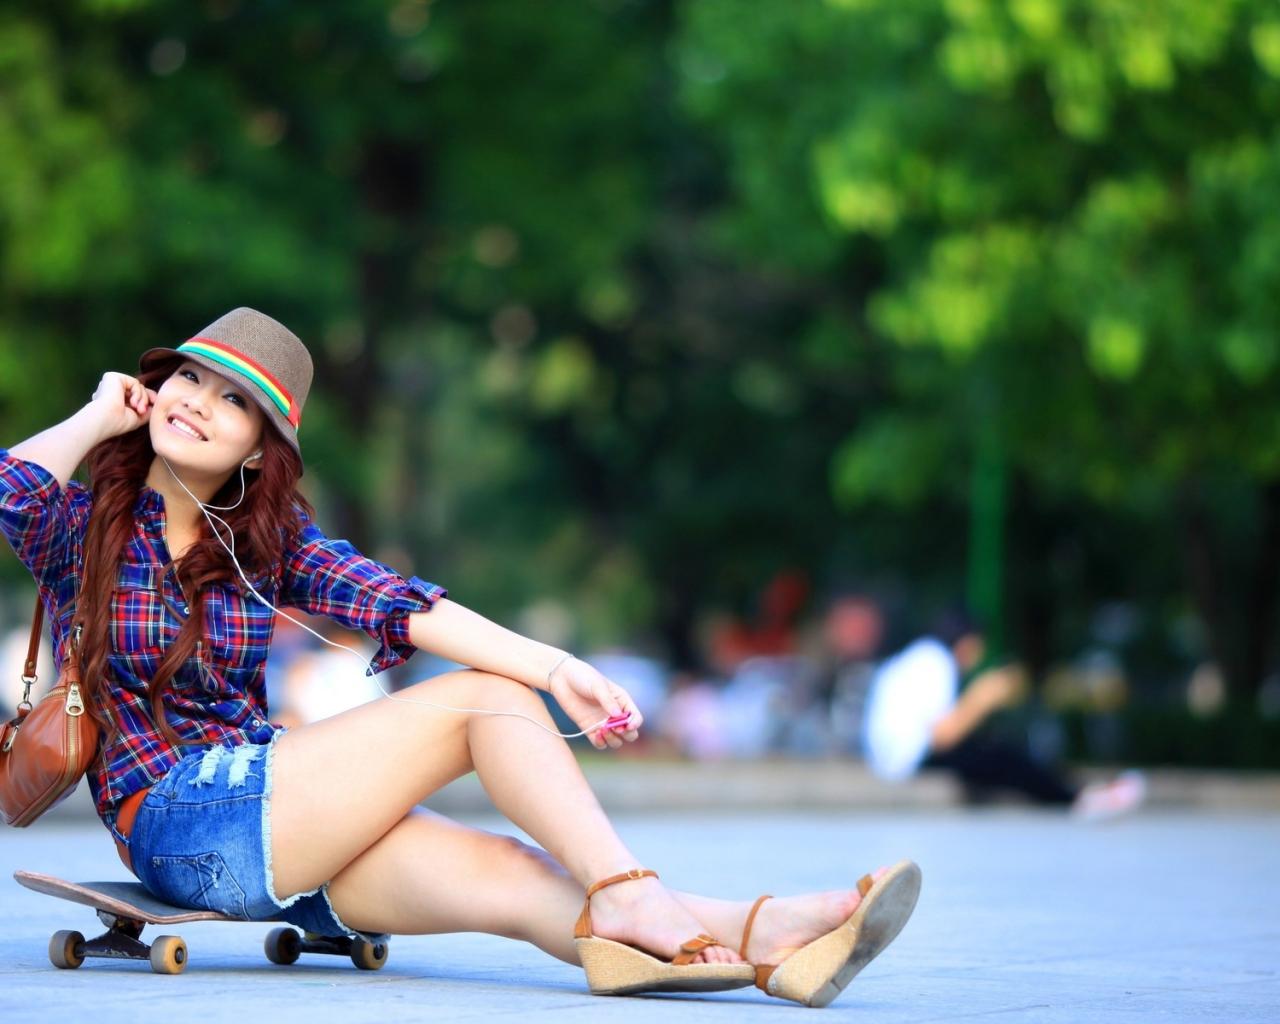 Asiática en Skate - 1280x1024